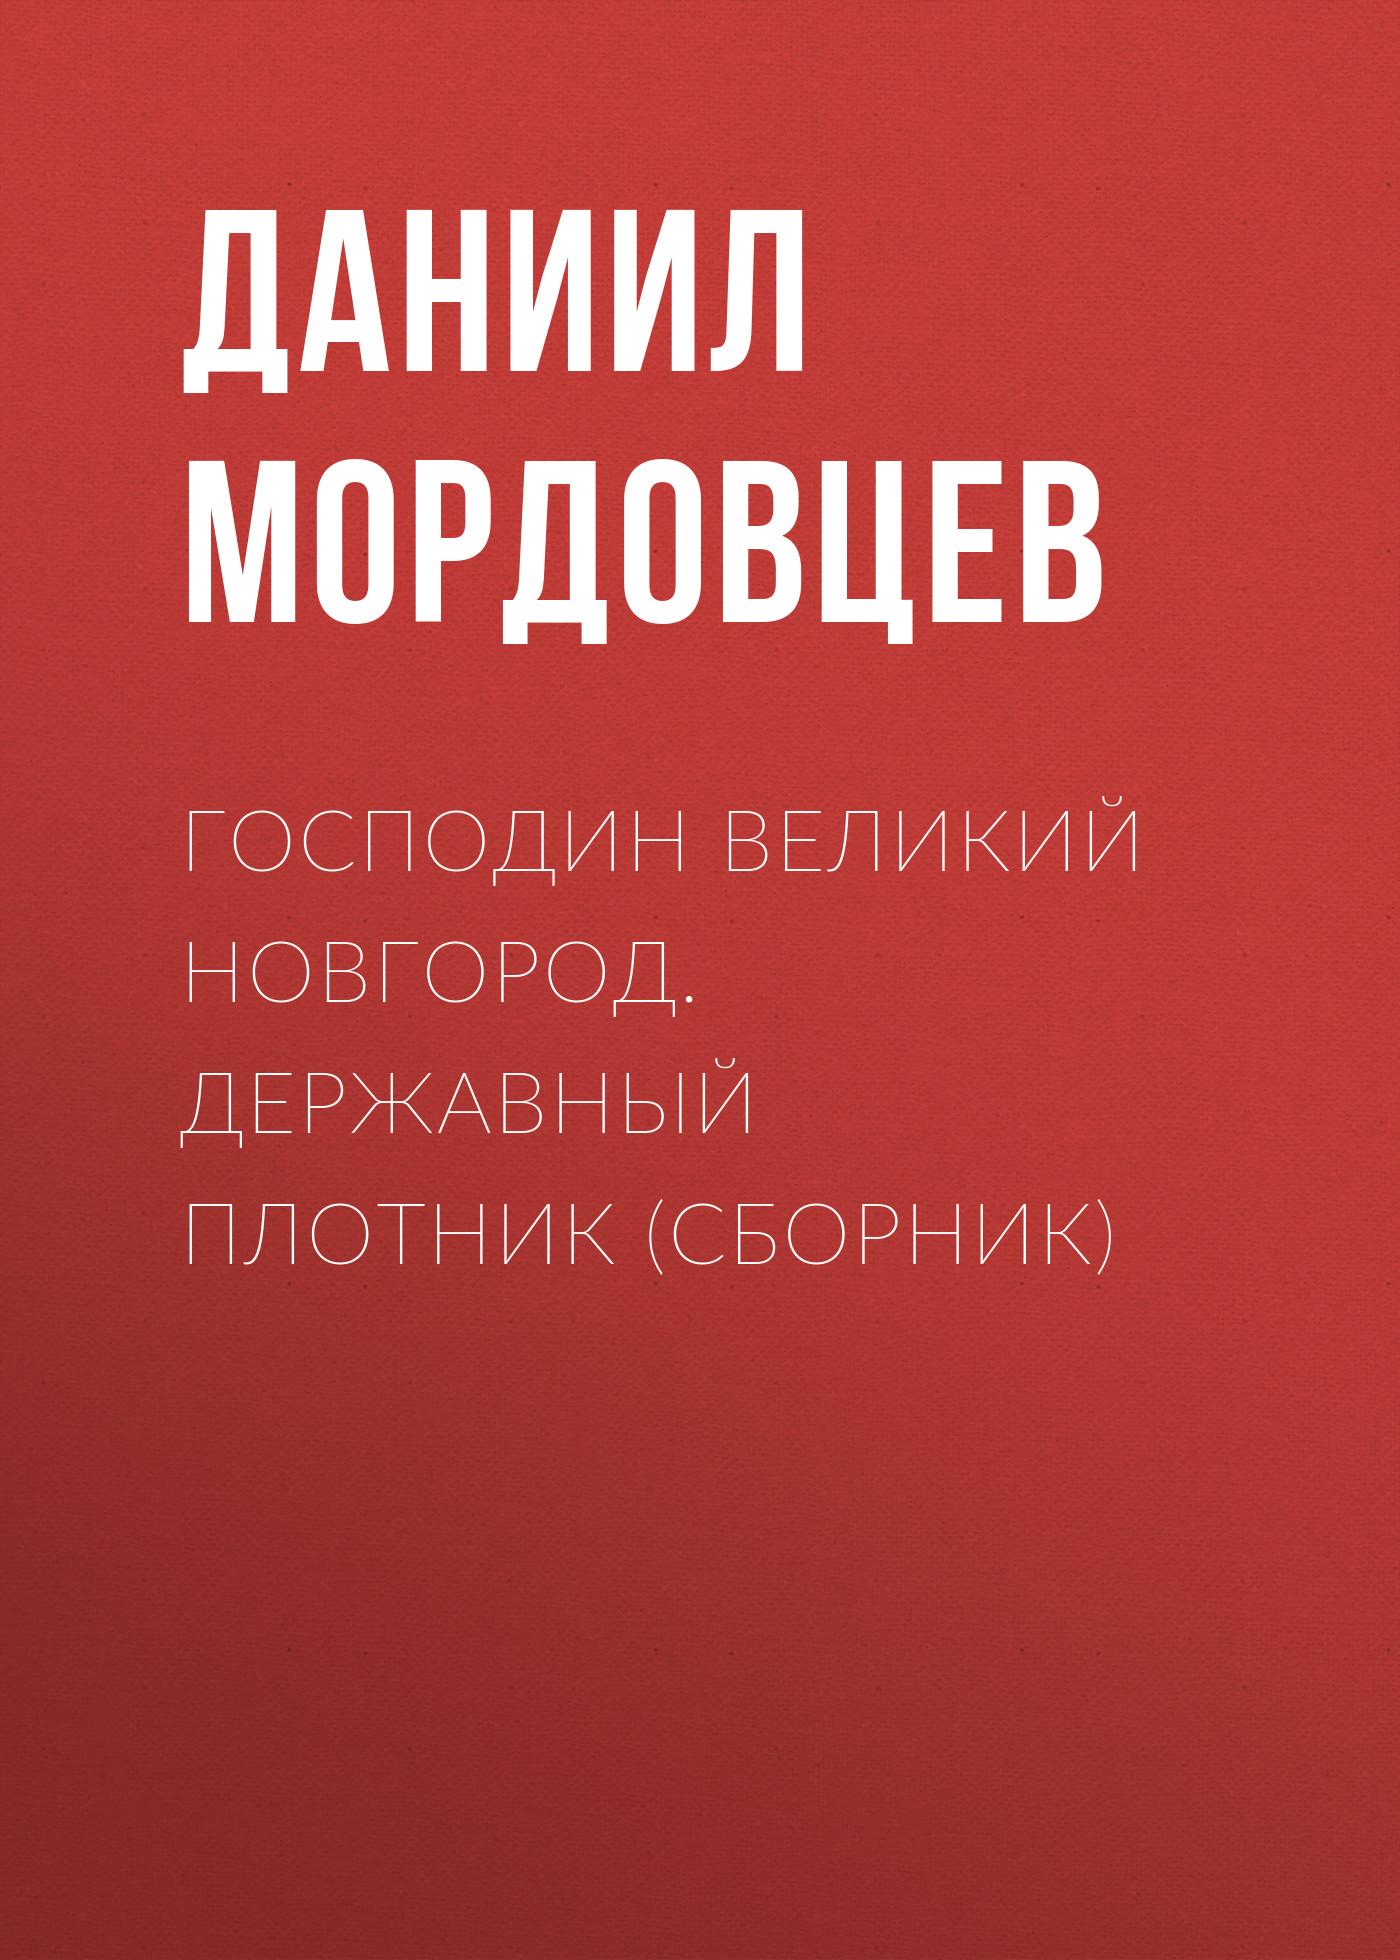 Даниил Мордовцев Господин Великий Новгород. Державный Плотник (сборник)